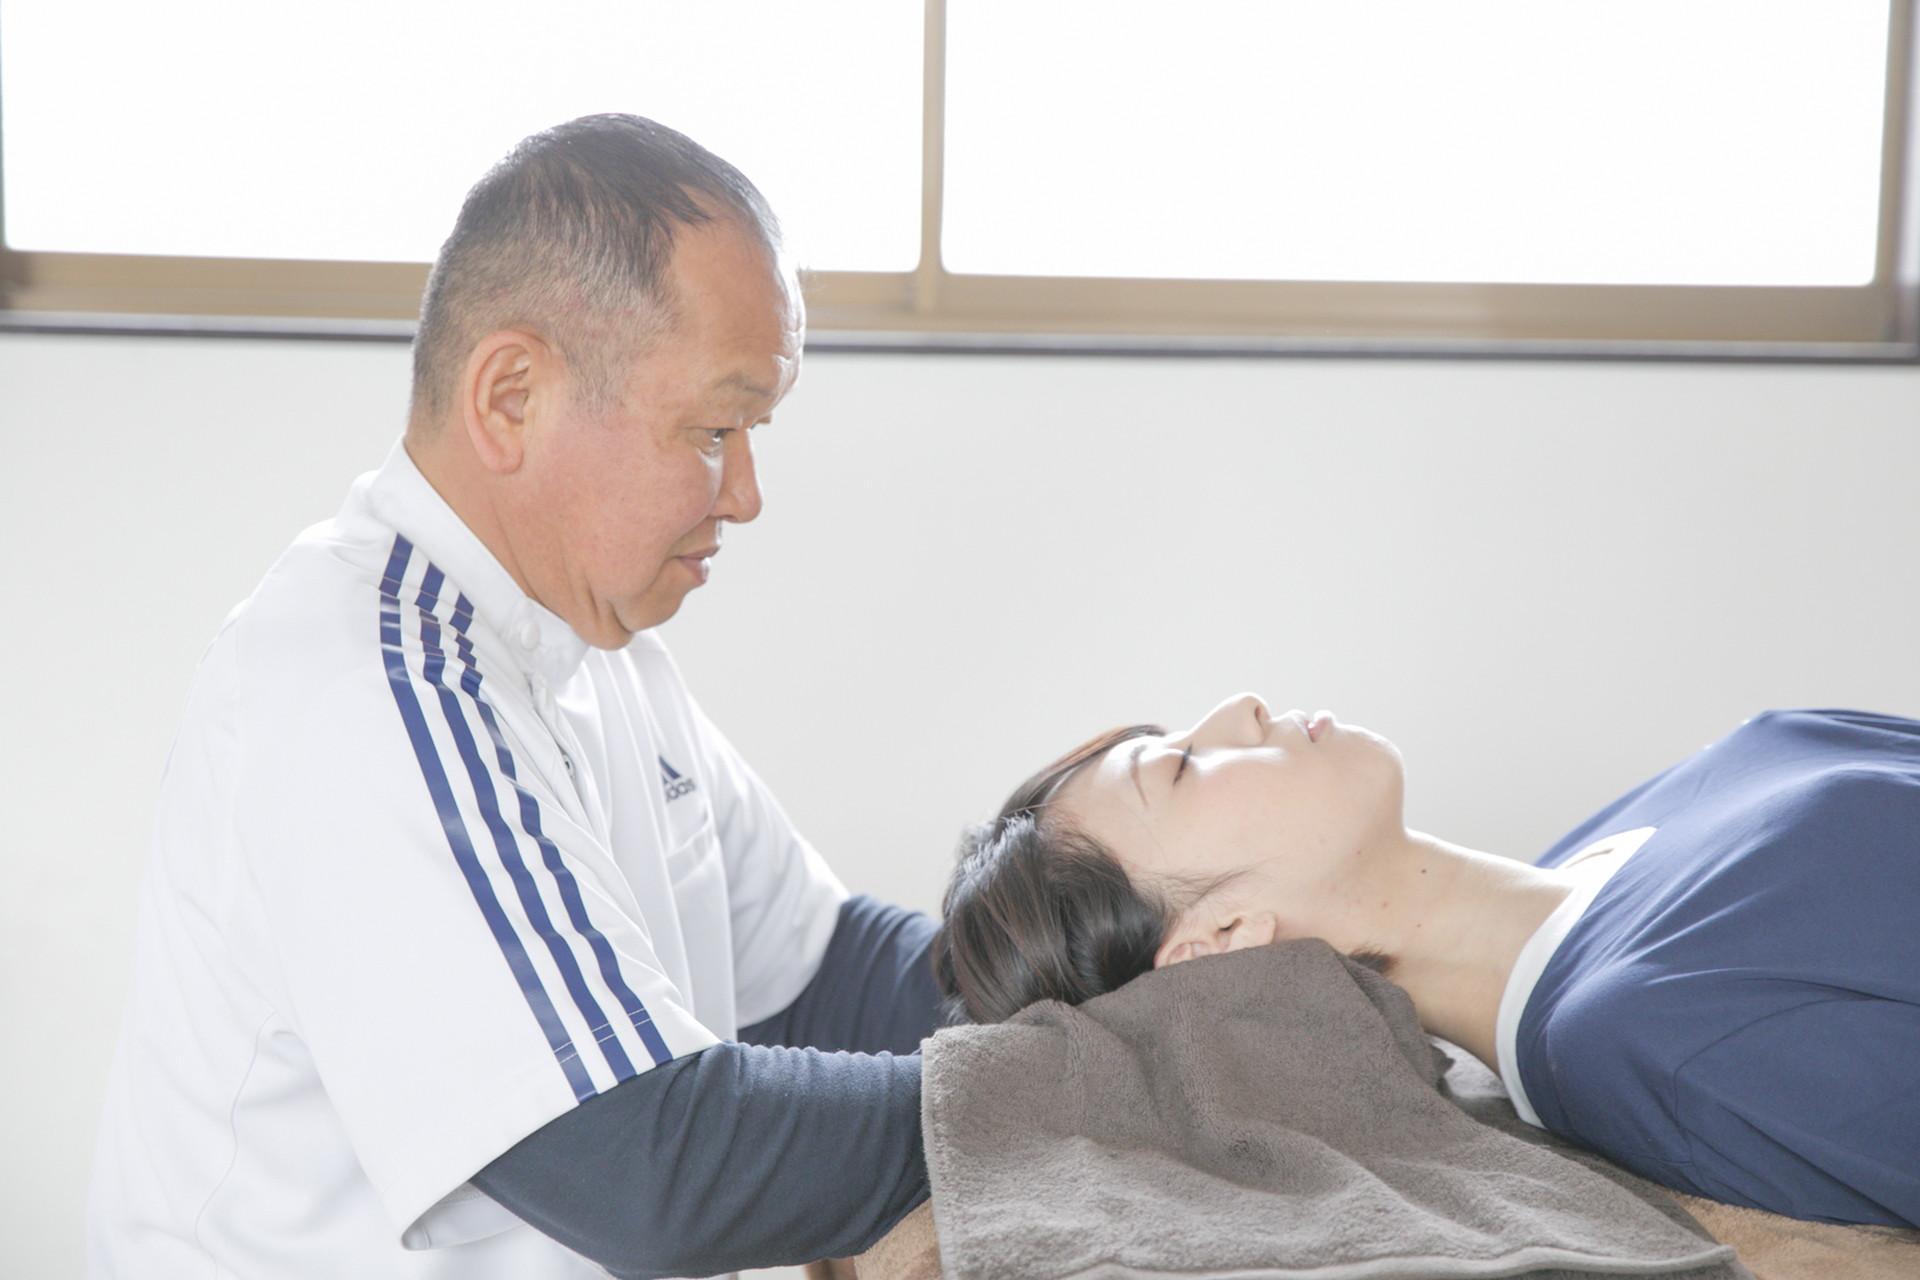 石井接骨院膝痛施術の様子